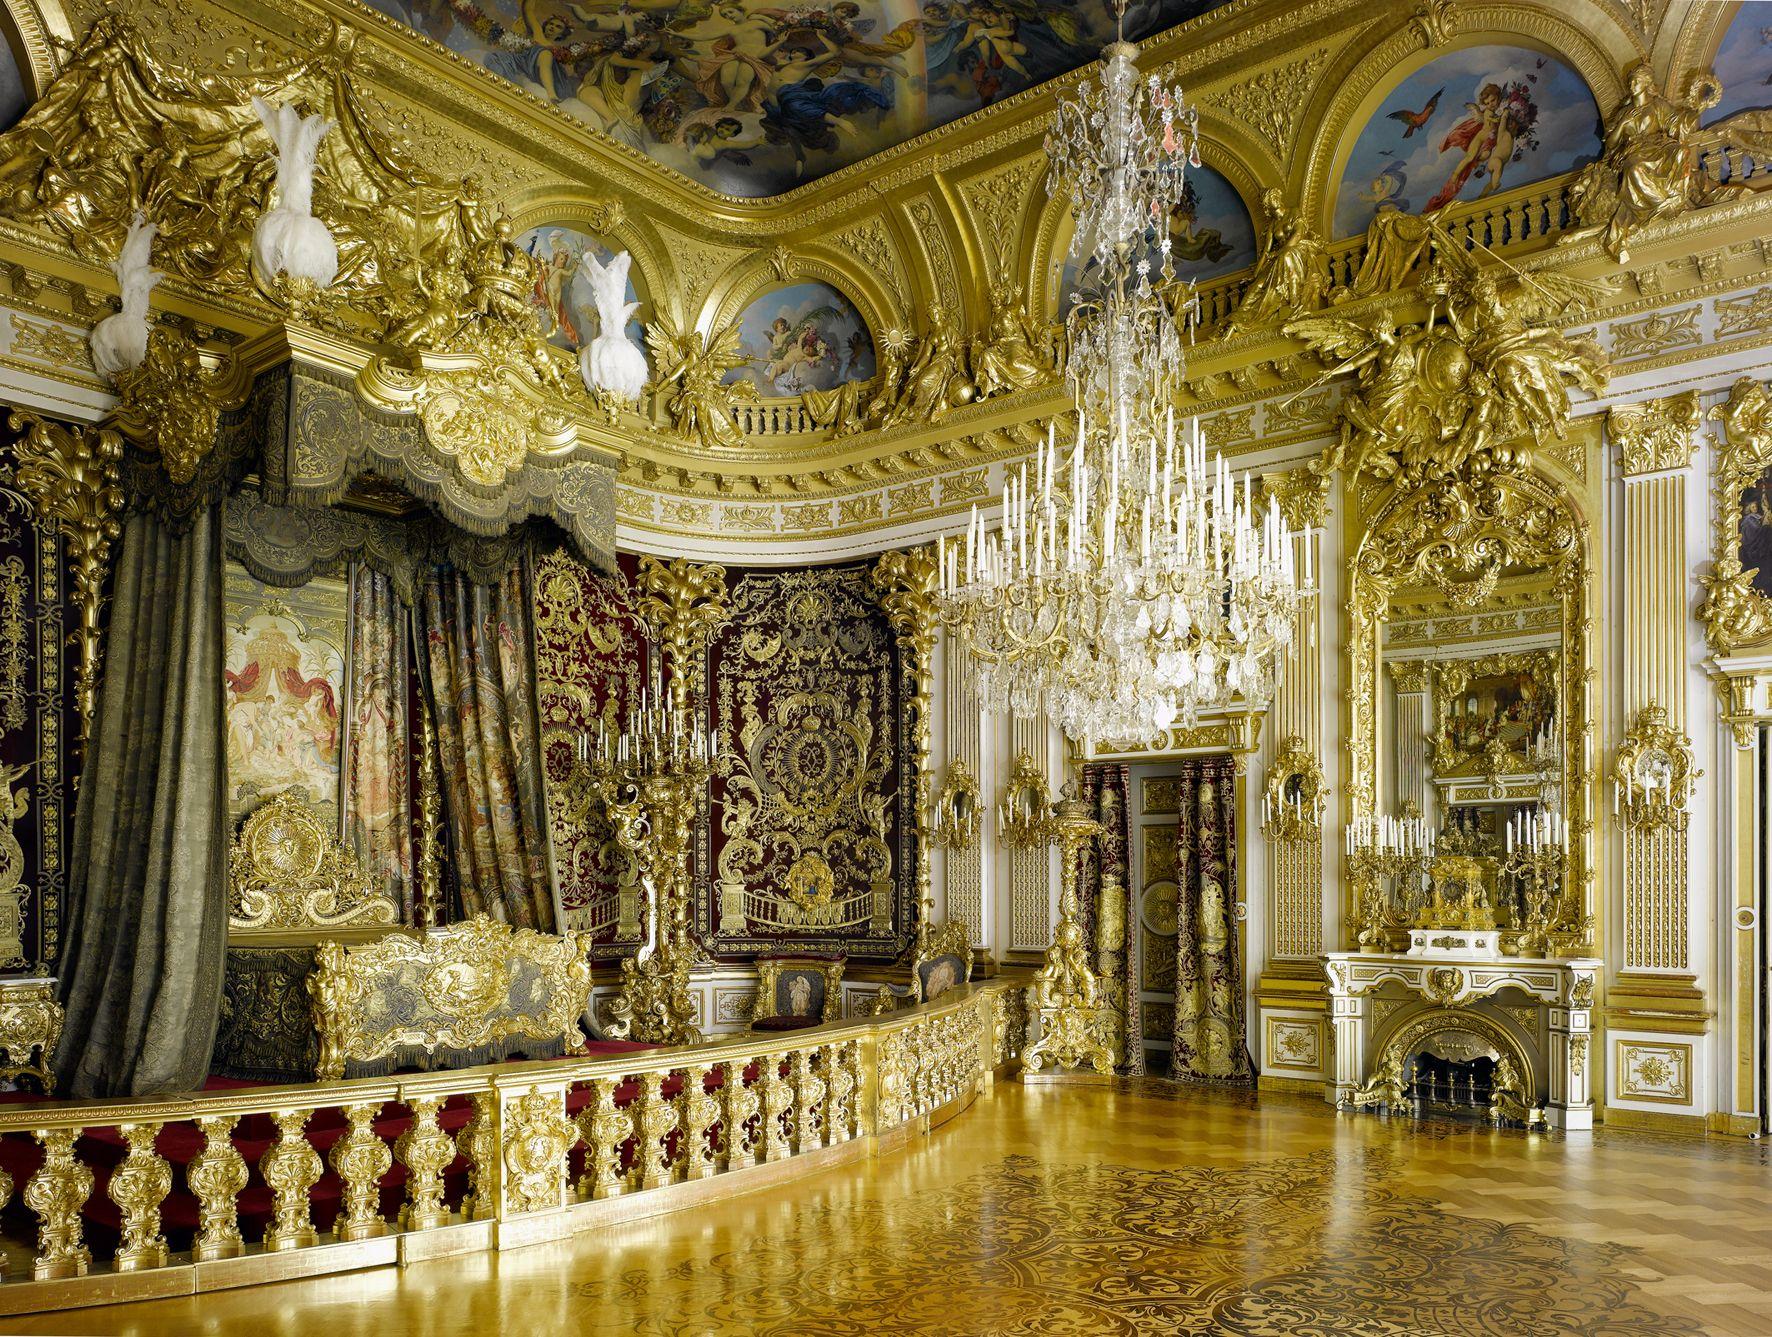 Neues Schloss Herrenchiemsee Paradeschlafzimmer Neues Schloss Herrenchiemsee Herrenchiemsee Palast Interior Schloss Nymphenburg